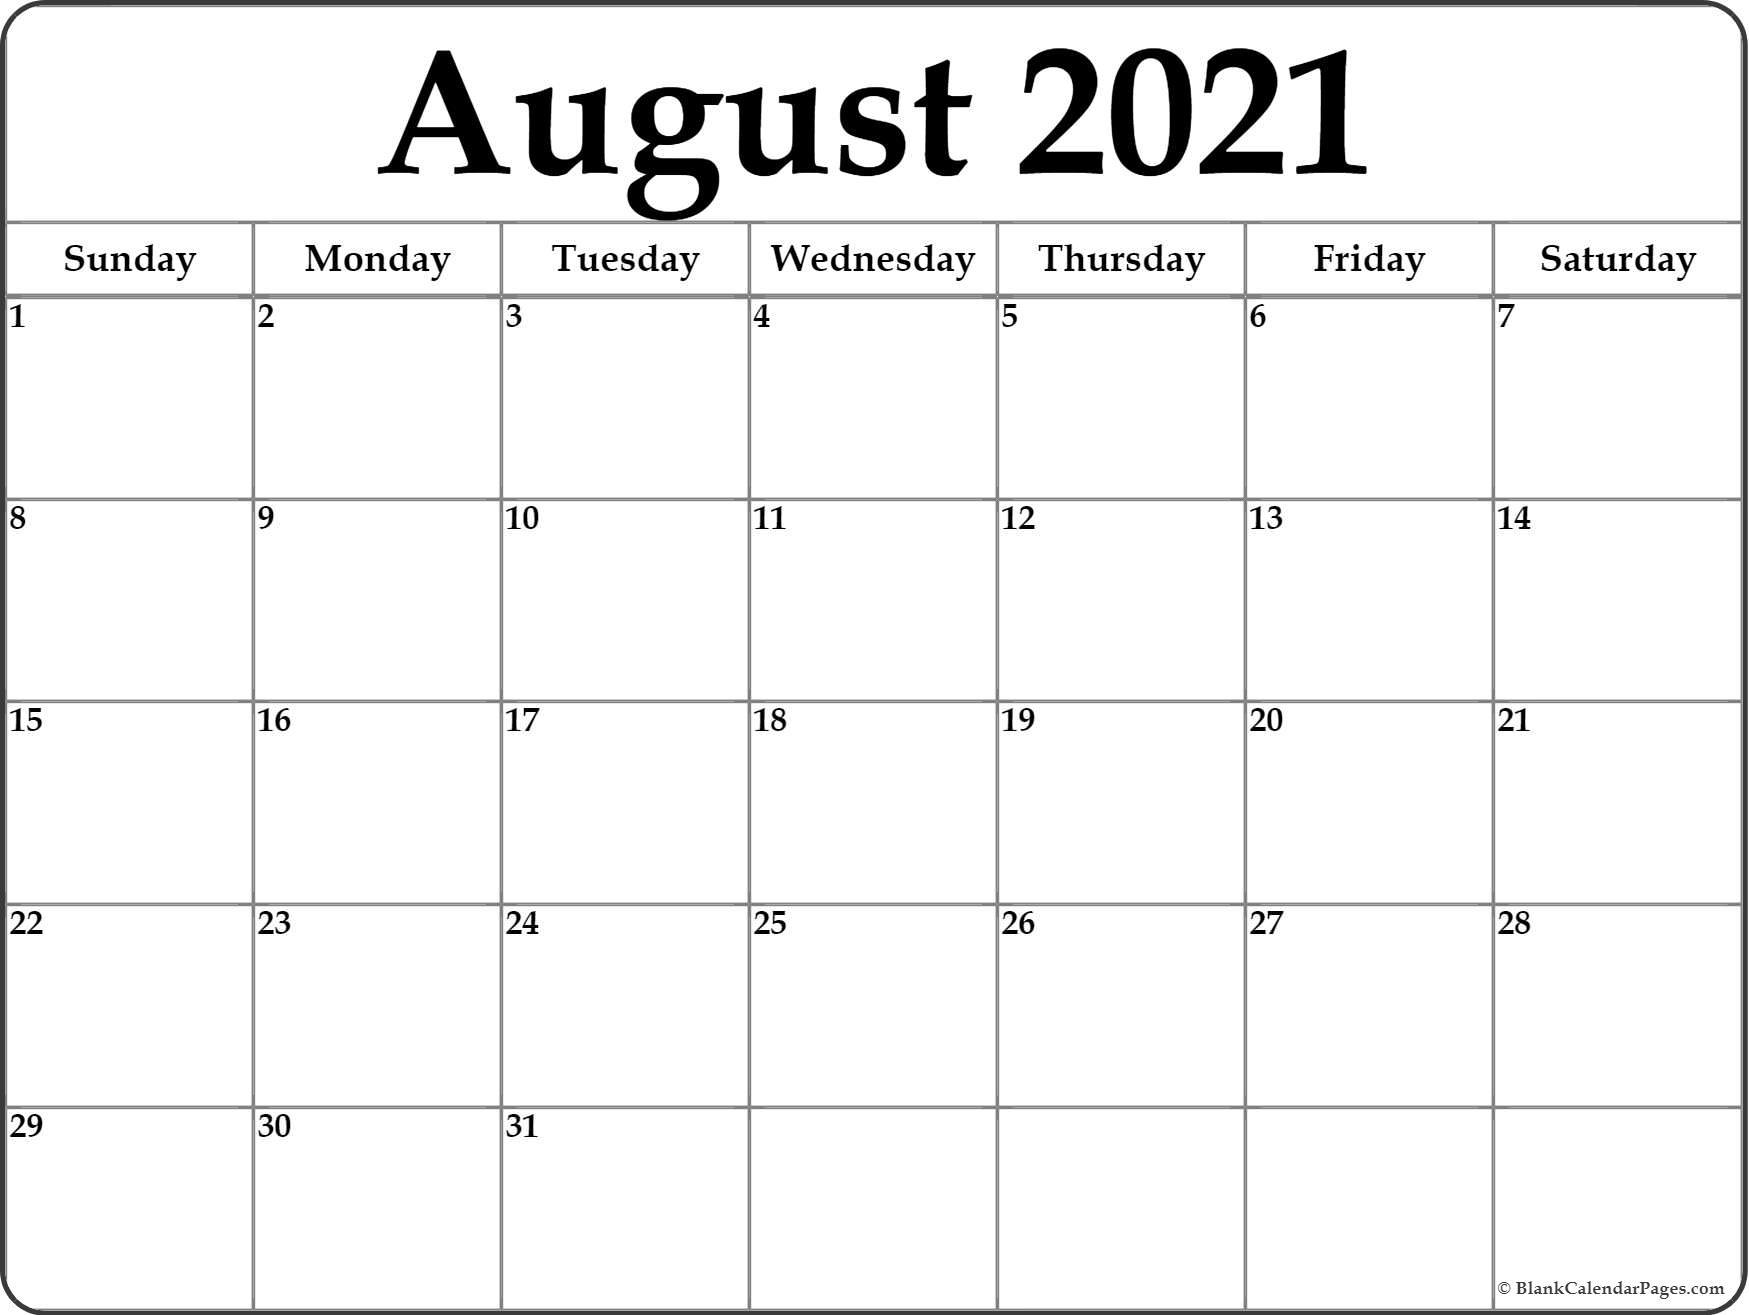 Get 2021 Calendar August To December